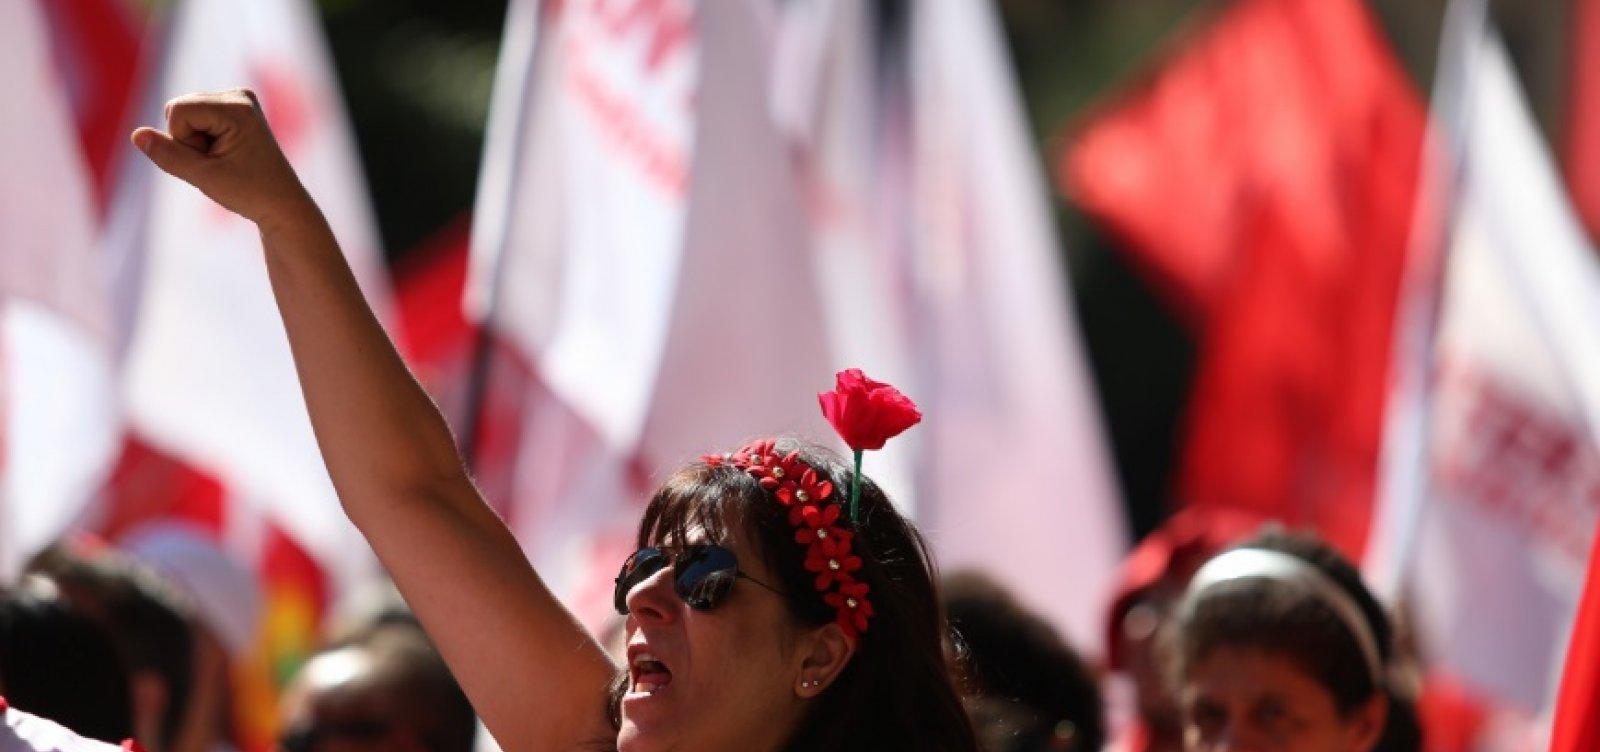 [PT tenta surfar em crise para reforçar candidatura de Lula, diz coluna ]